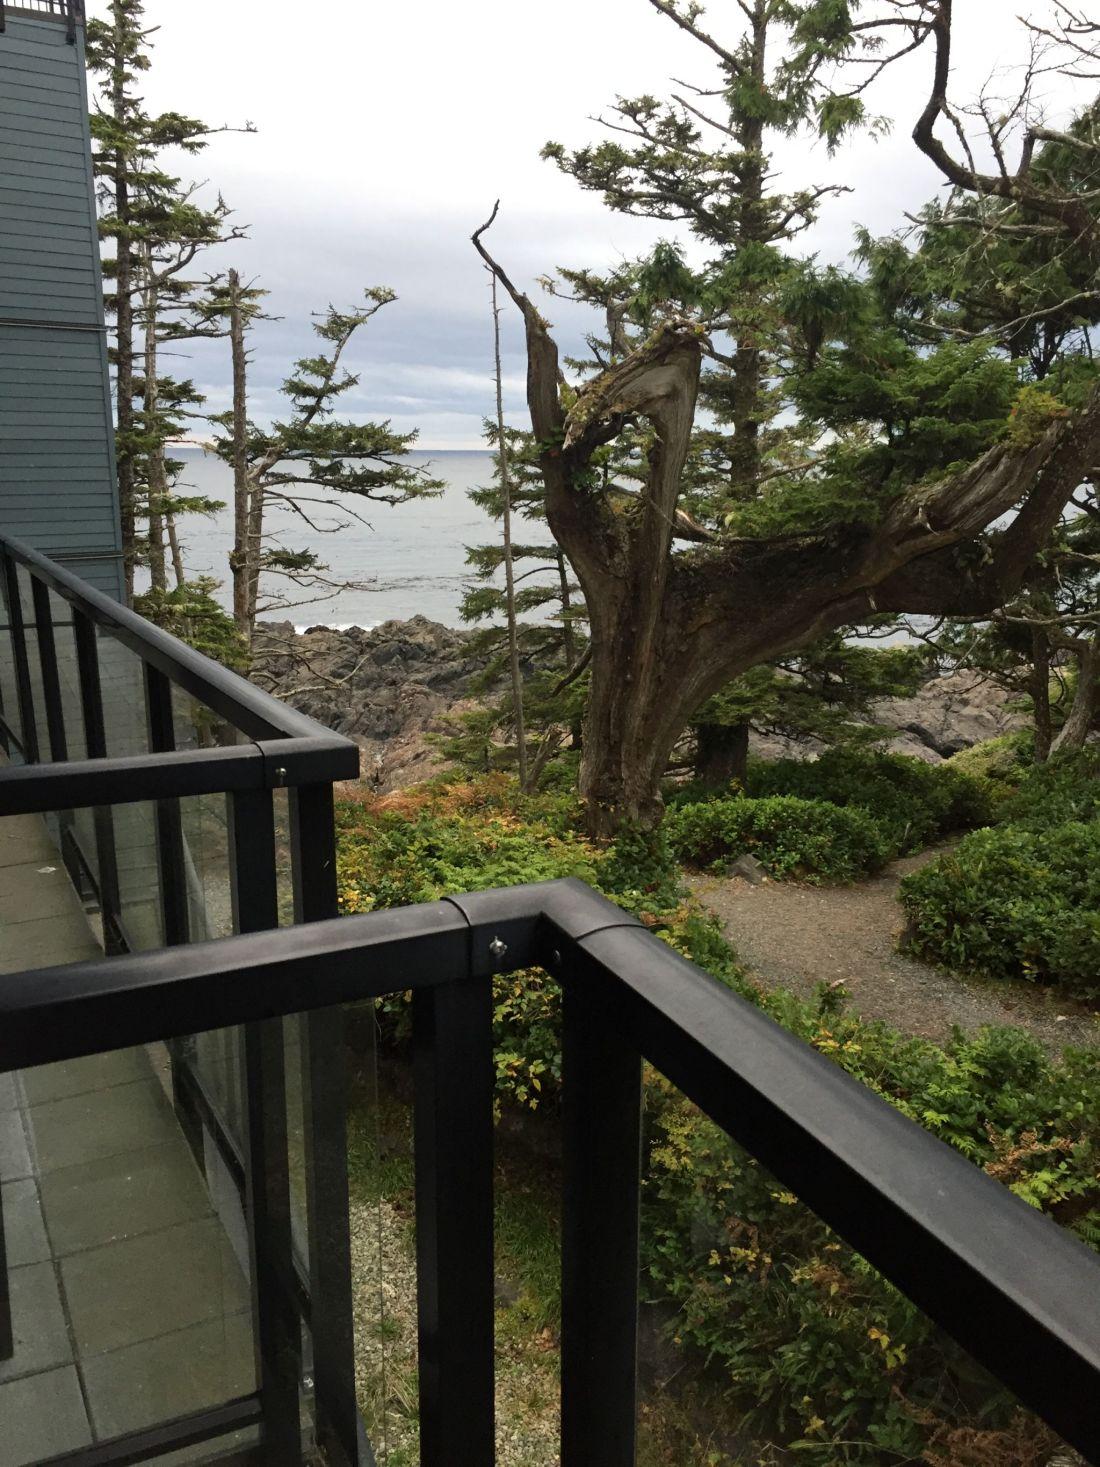 Balcony at Black Rock Oceanfront Resort in Ucluelet, Vancouver Island